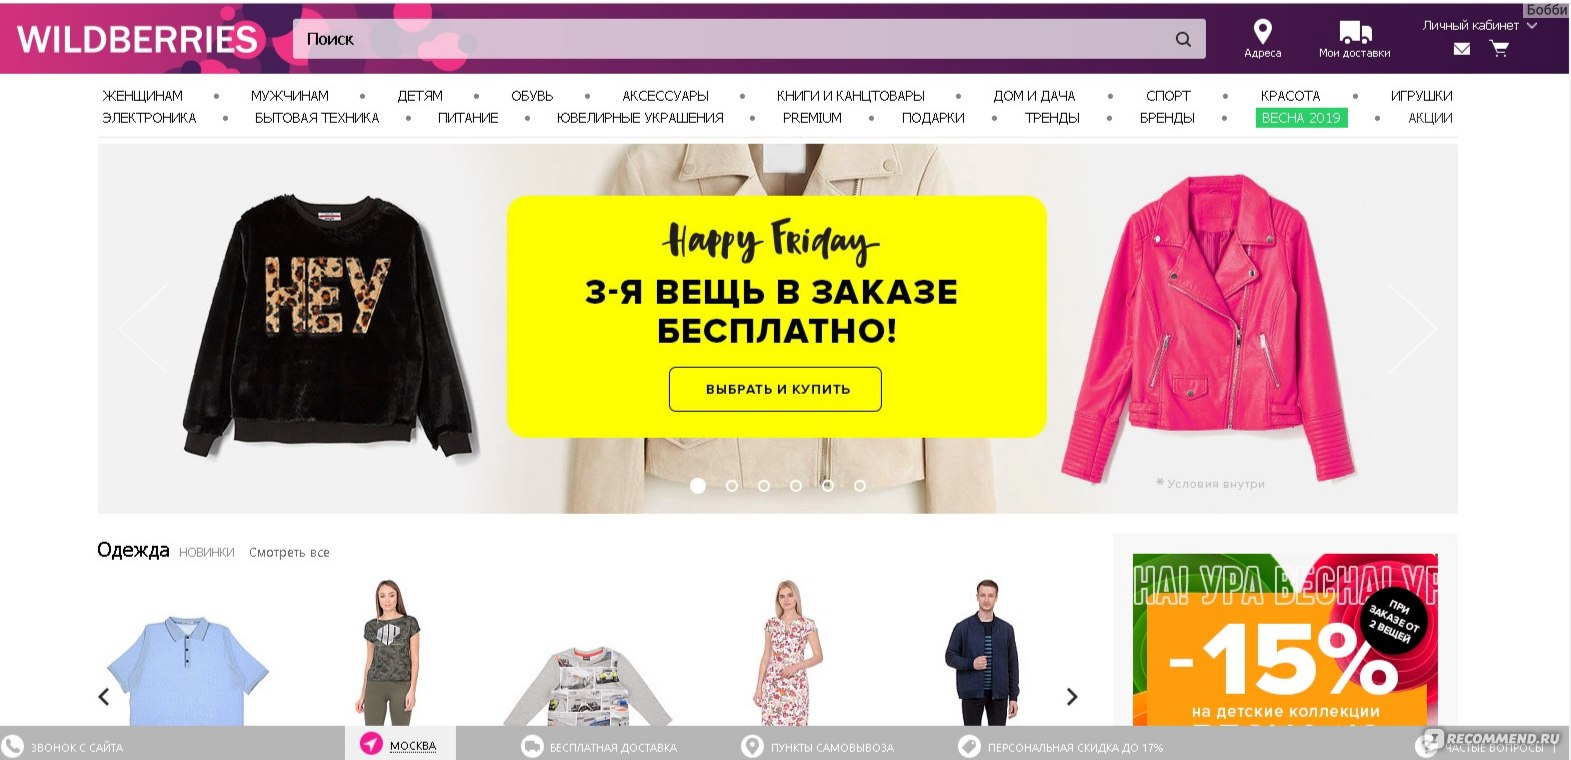 Валдбериес Интернет Магазин Каталог Рязань